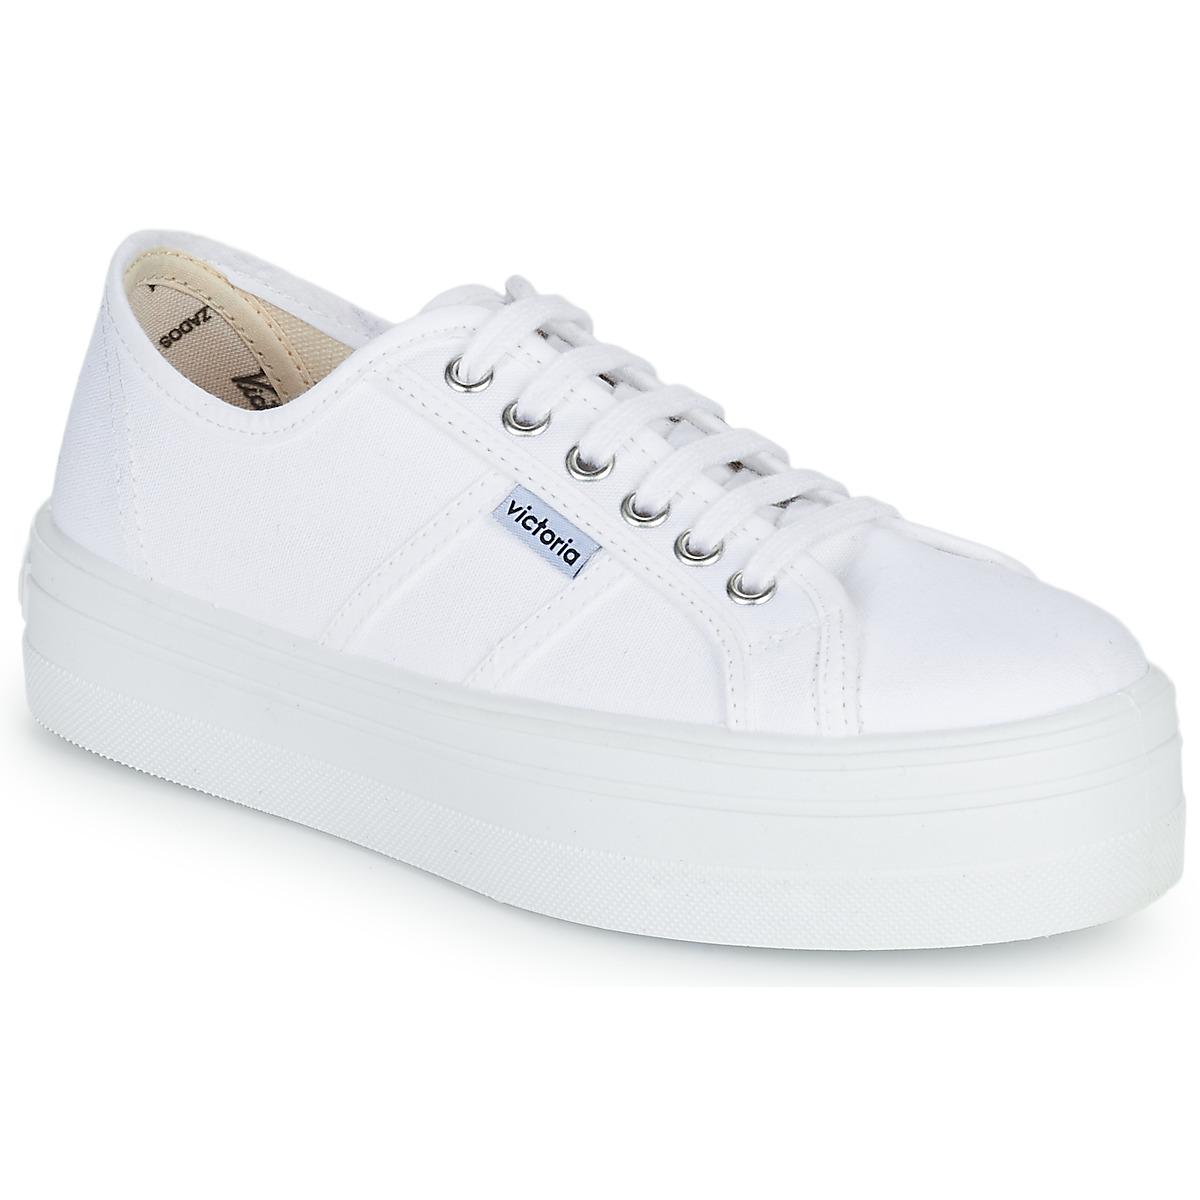 4fcf5737e7e Victoria BLUCHER LONA PLATAFORMA Blanco - Envío gratis con Spartoo.es ! -  Zapatos Deportivas bajas Mujer 40